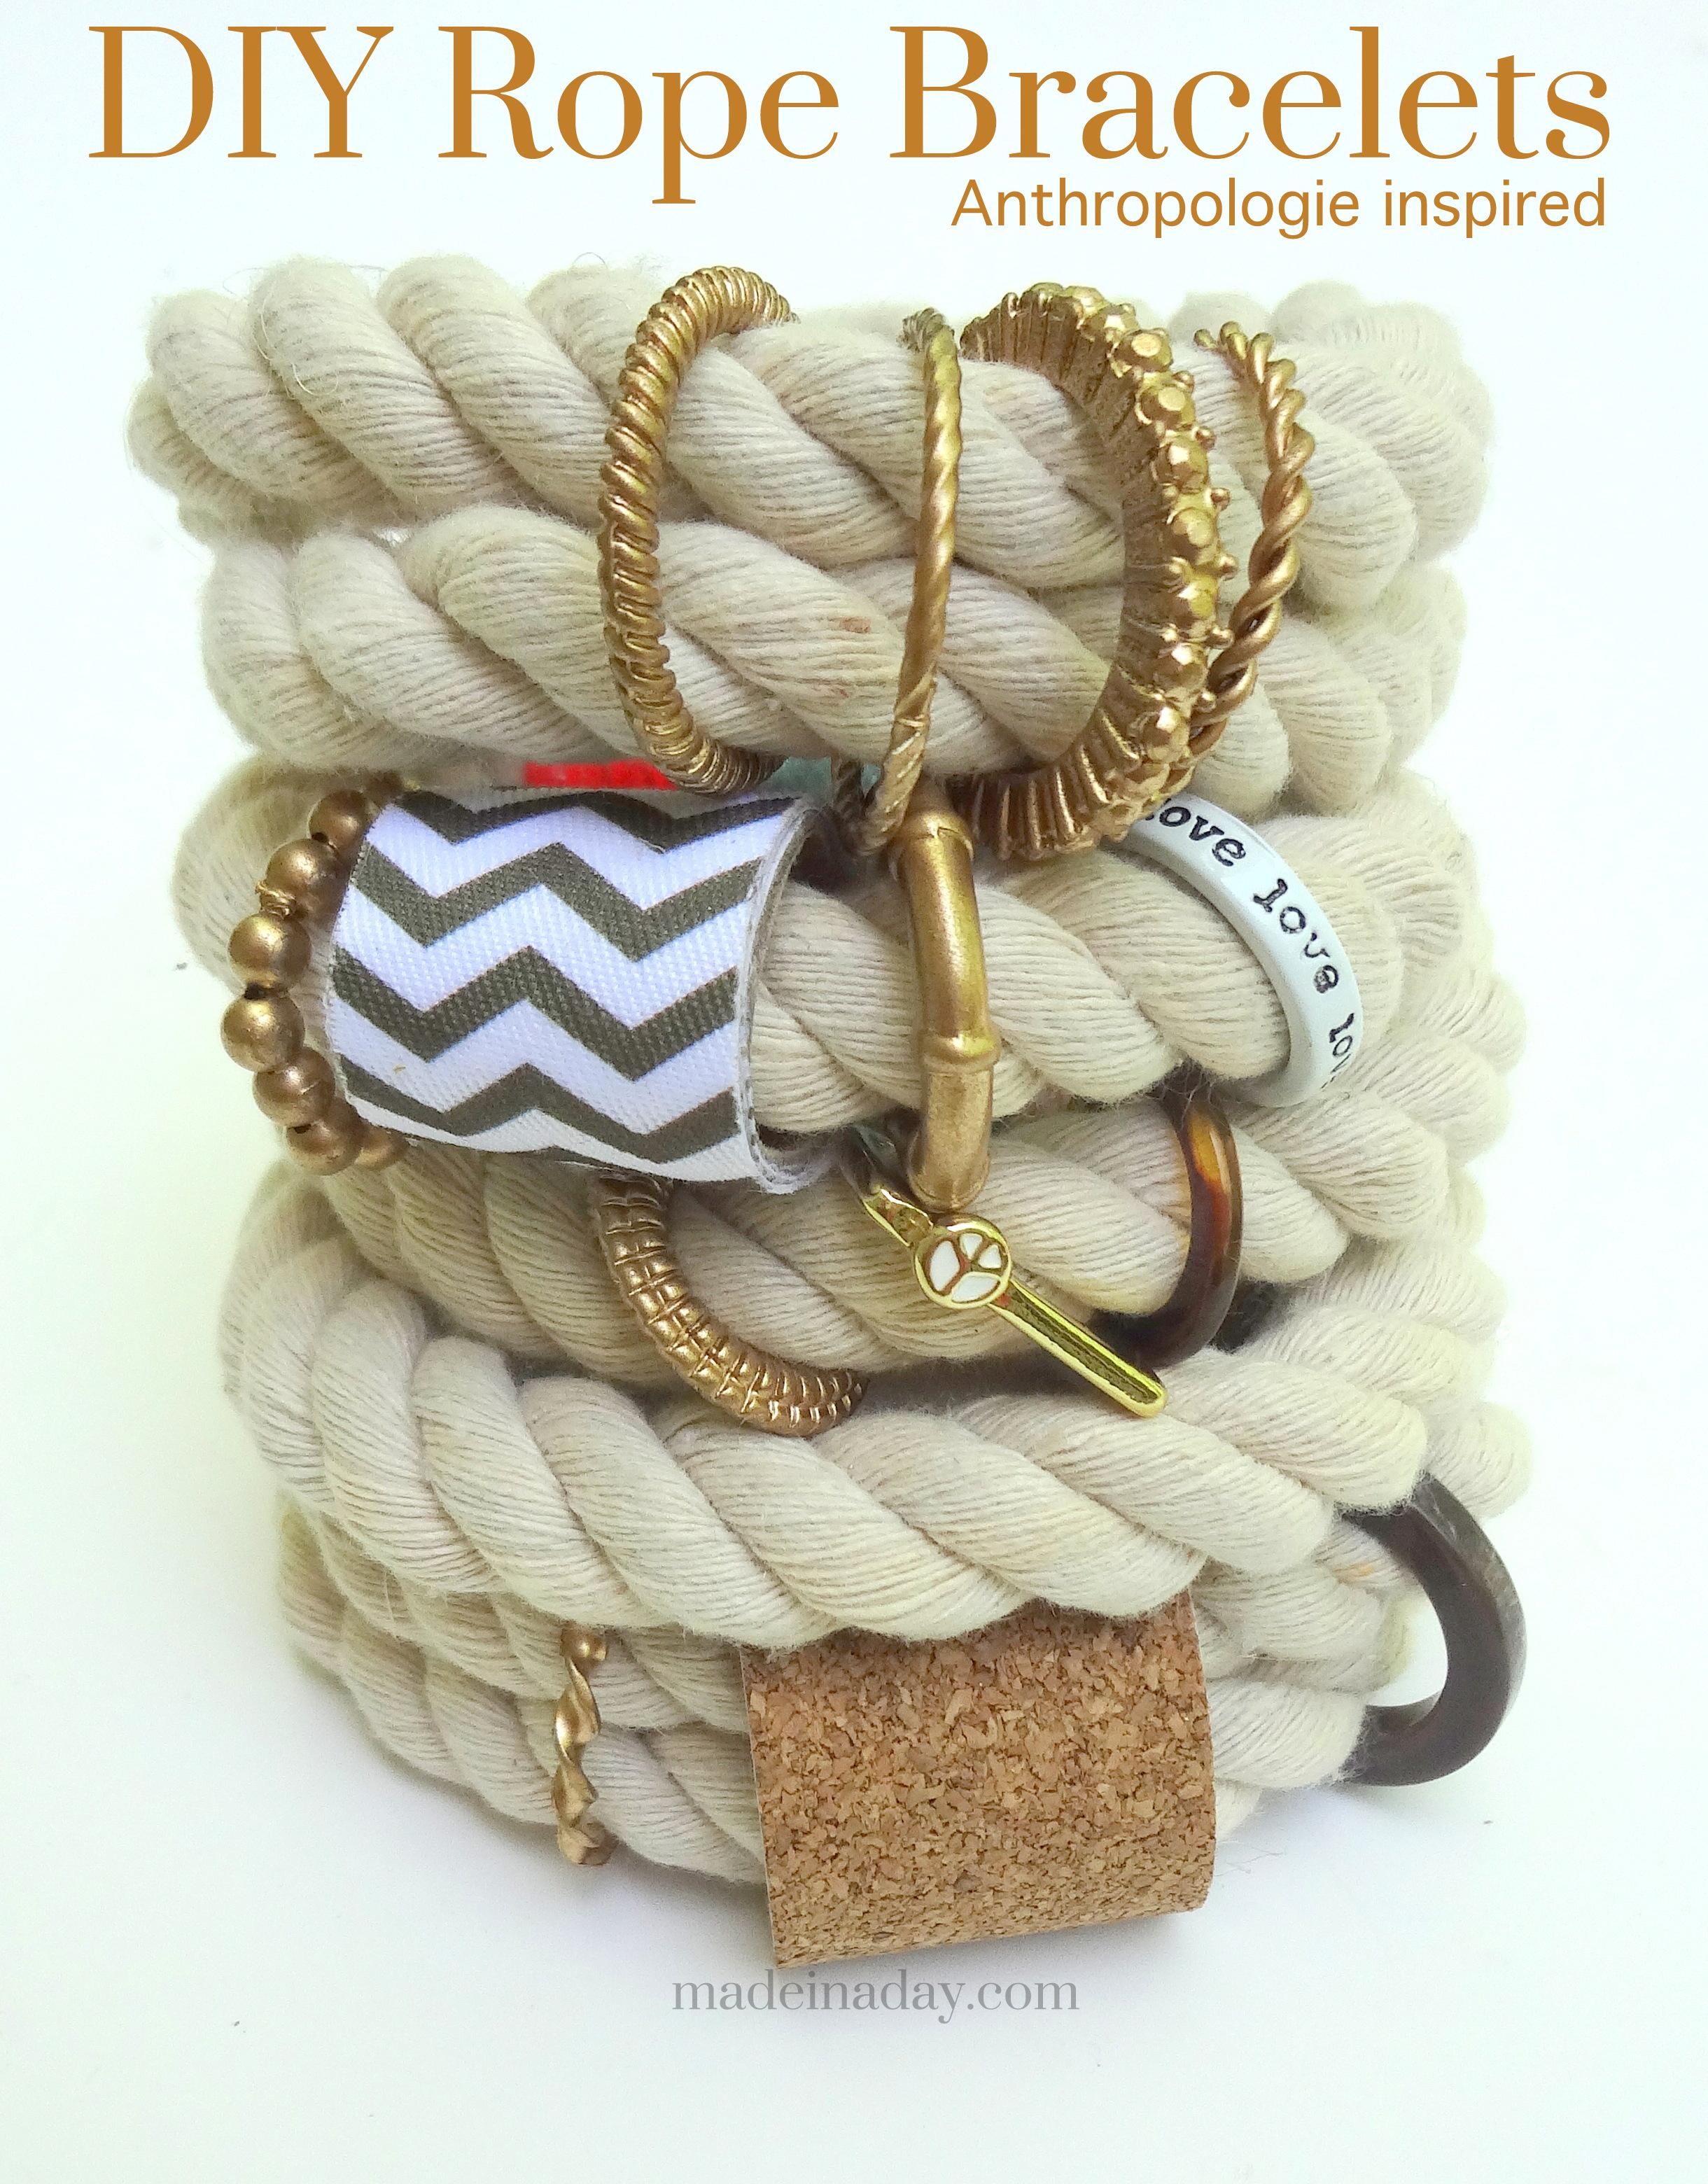 DIY Rope Bracelets Anthropologie Hack